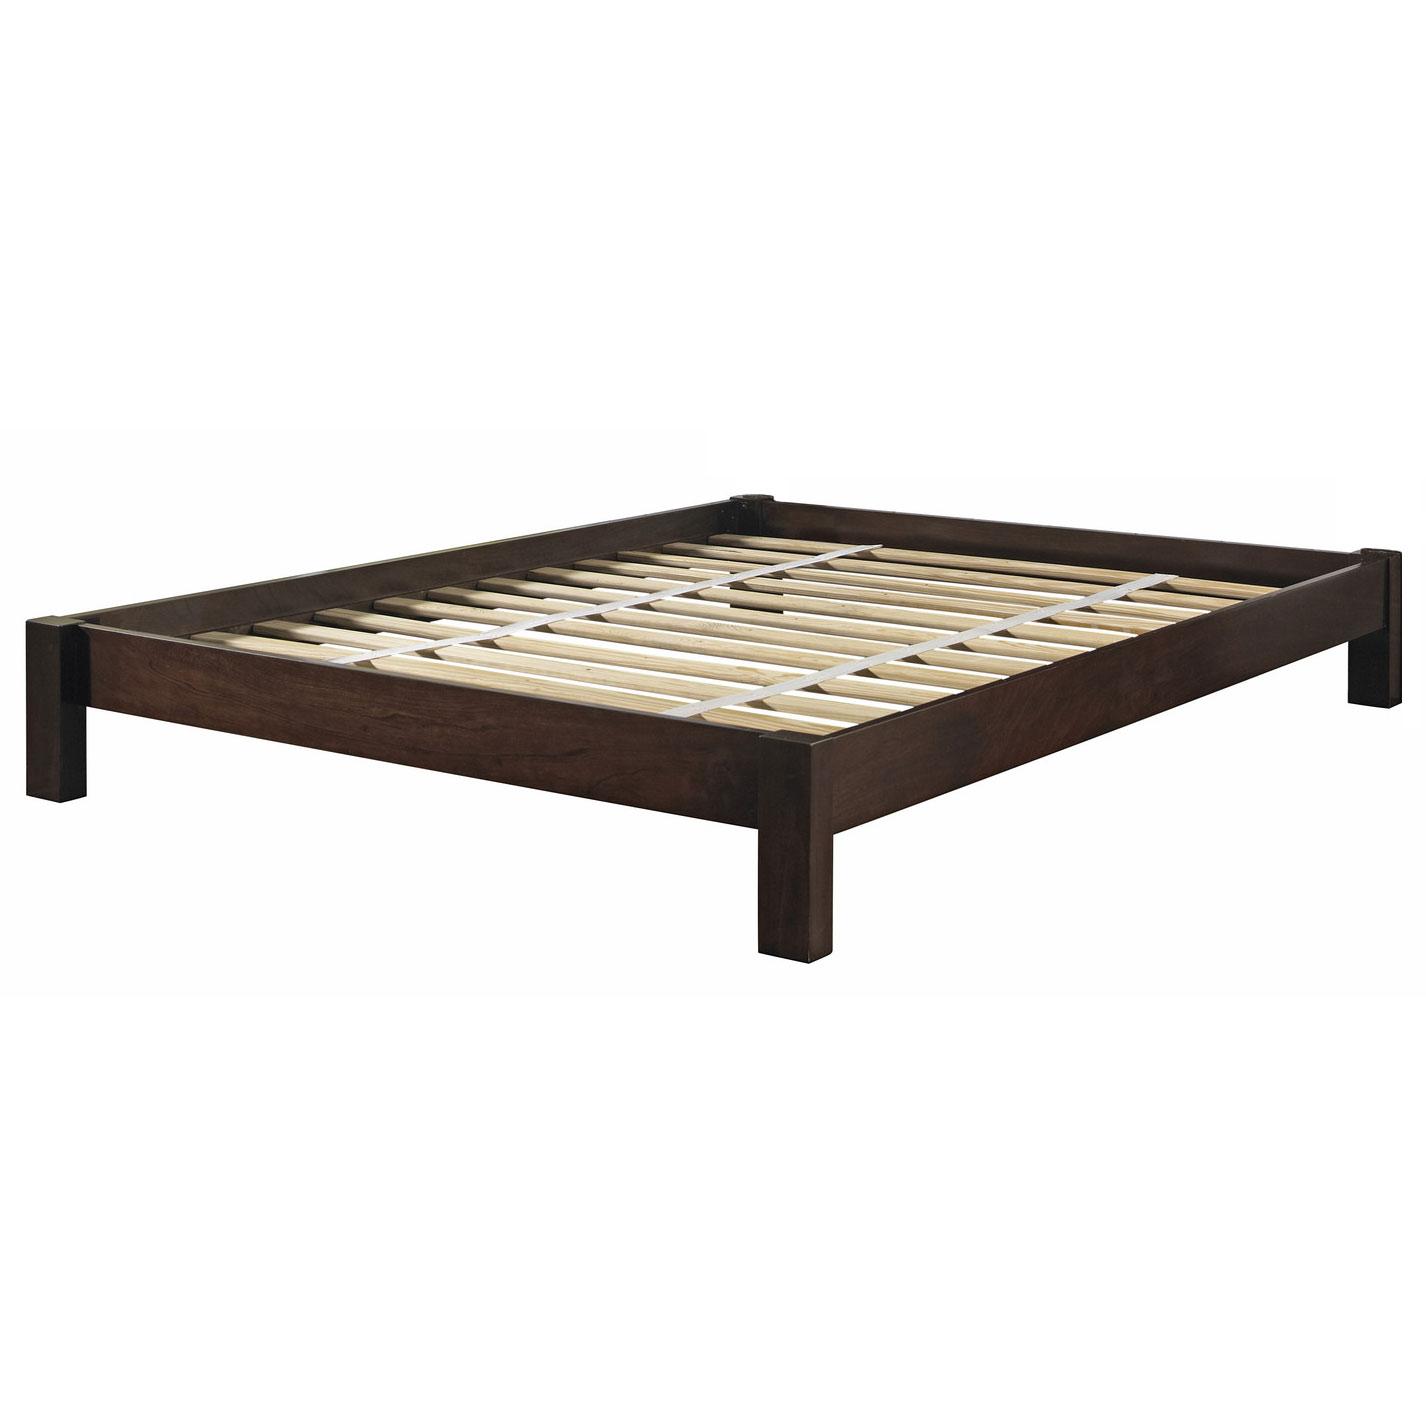 Modern Wood Bed Frames: Wood-platform-bed-1.jpg